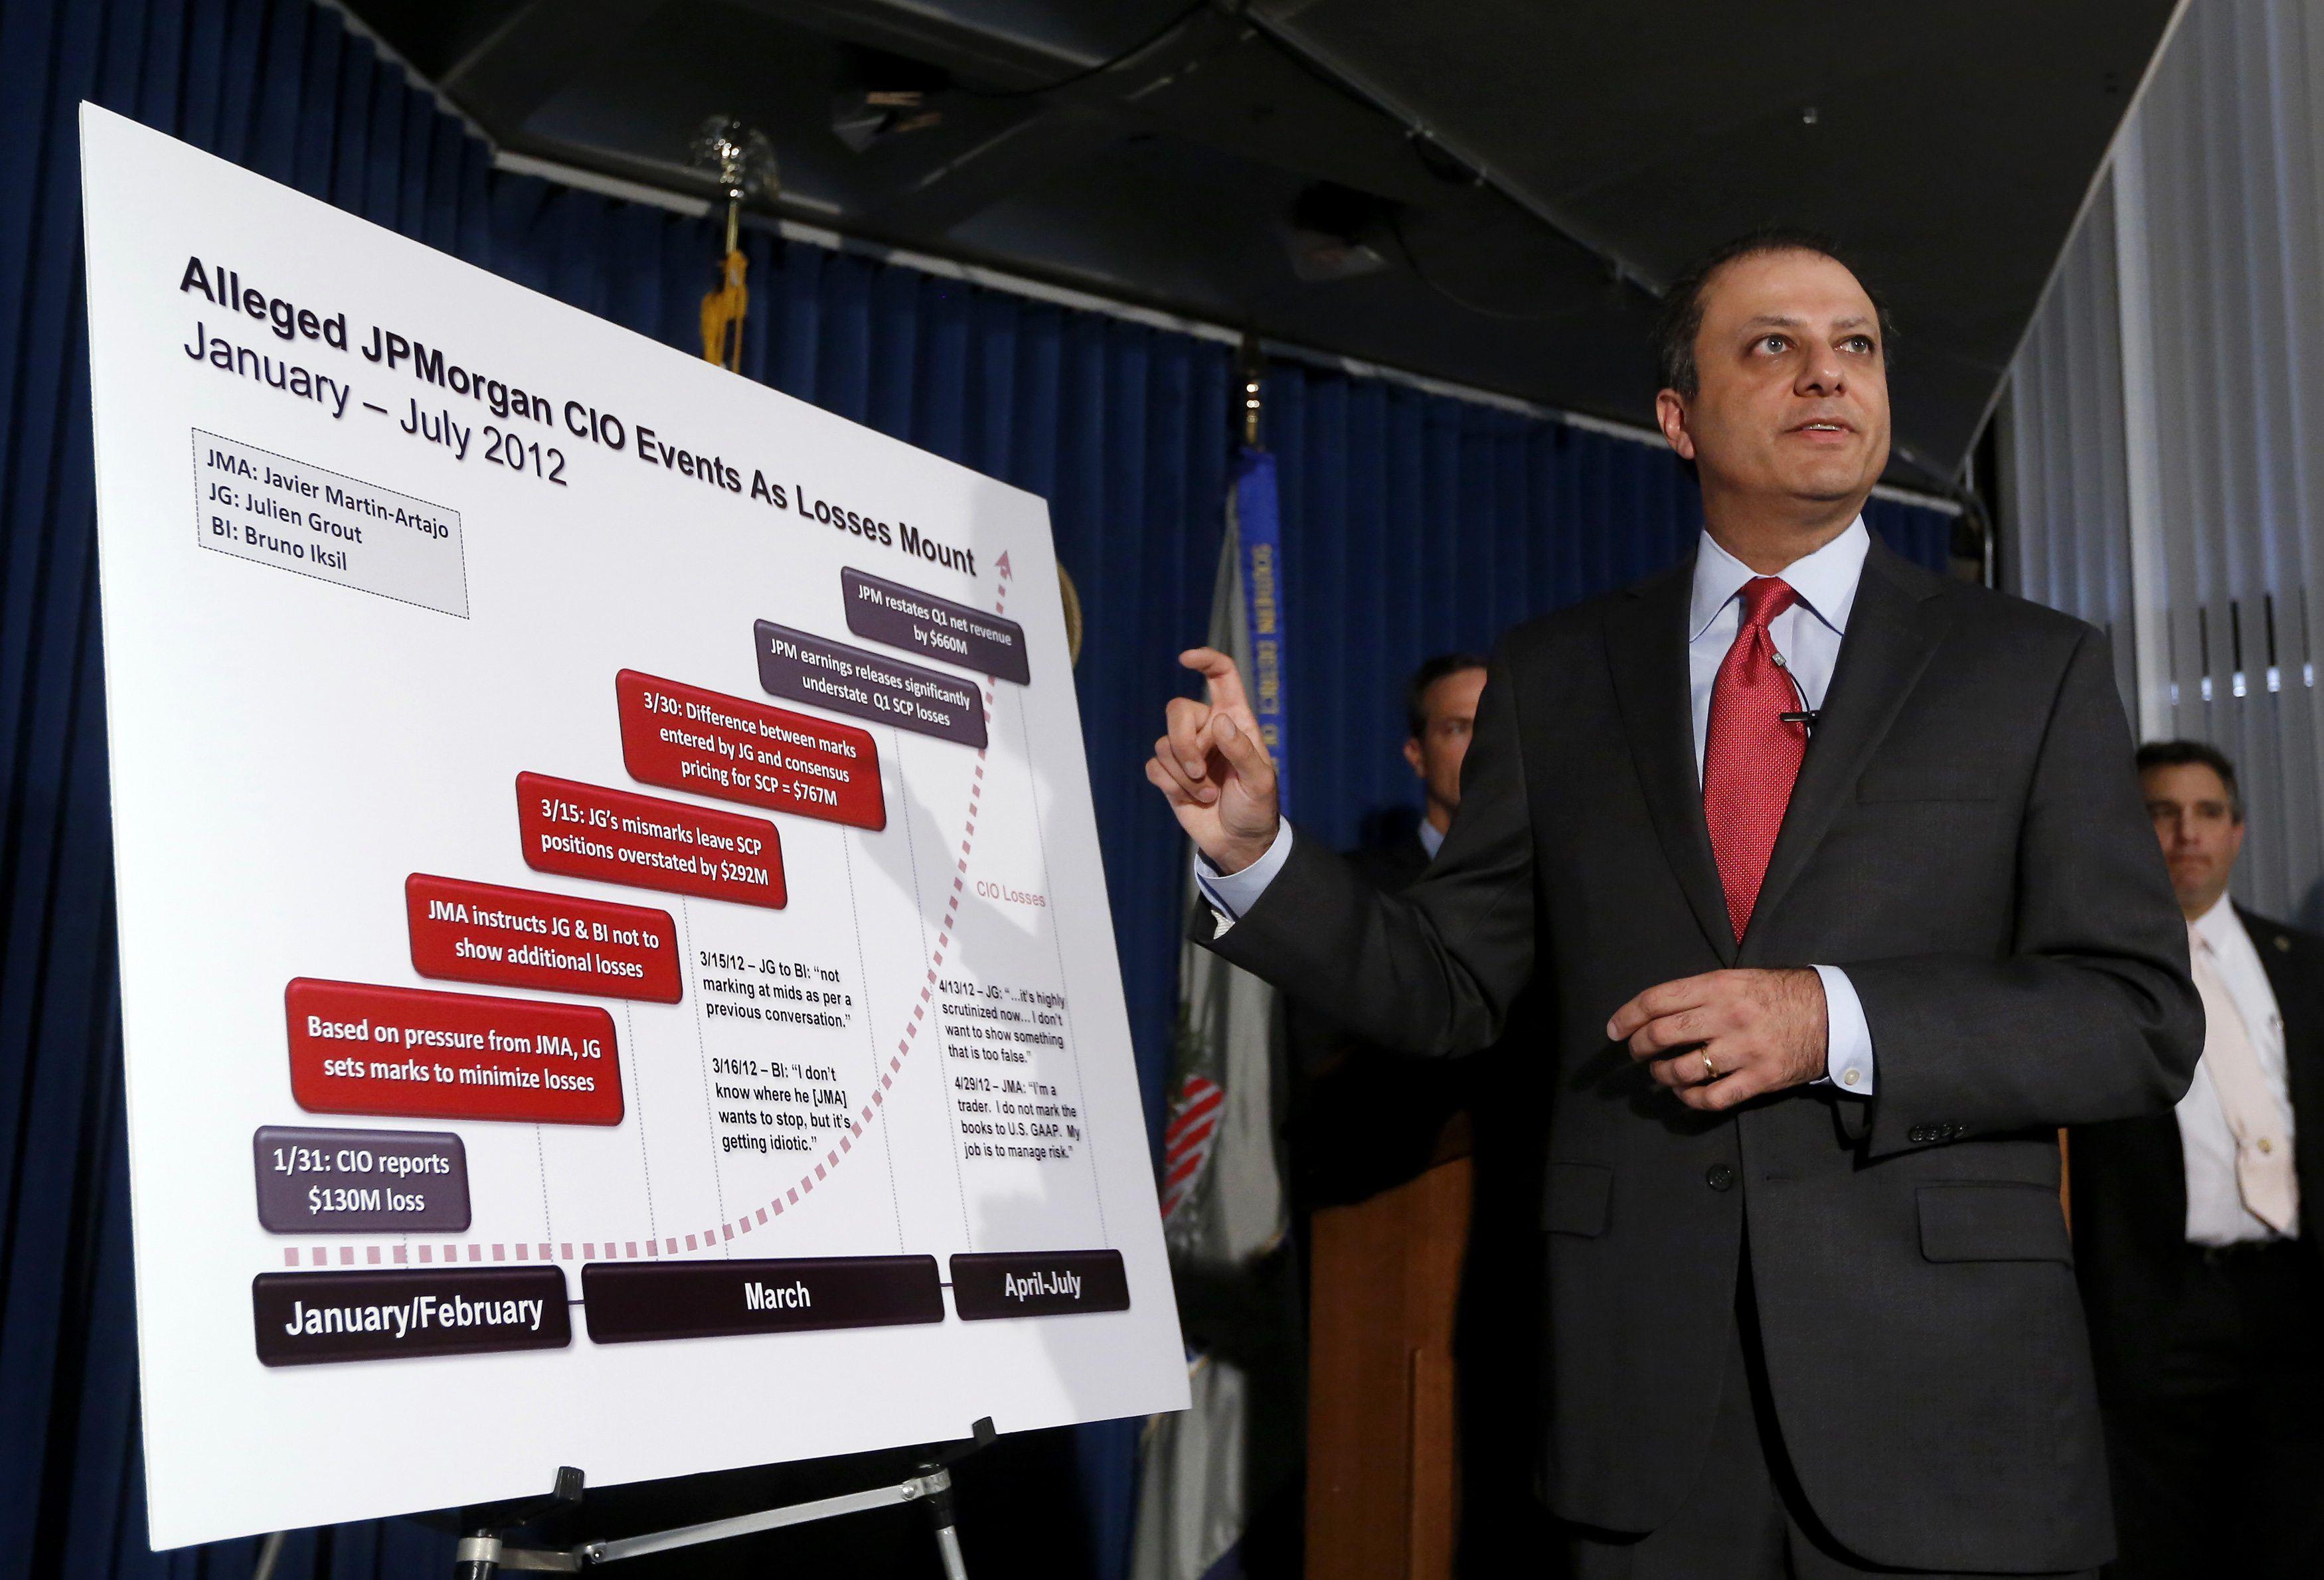 JPMorgan facing $700m in fines over losses - The Boston Globe